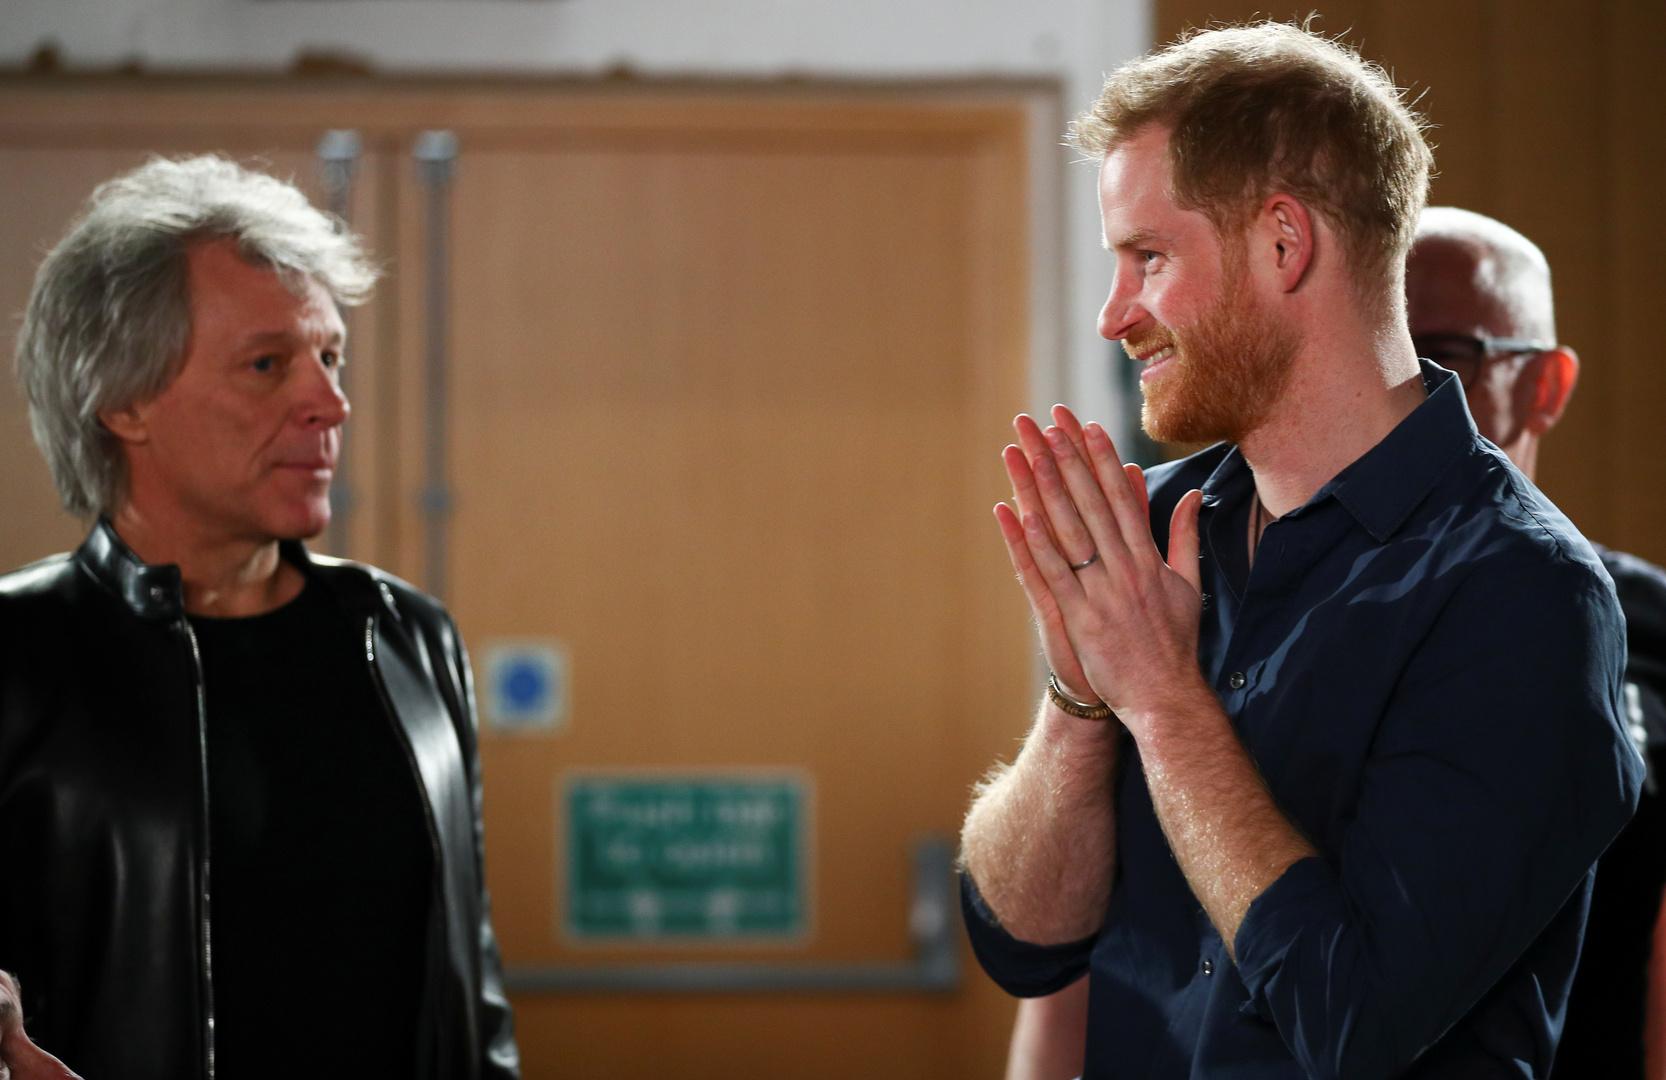 الأمير هاري يشارك أسطورة موسيقى الروك بون جوفي الغناء من أجل عمل خيري